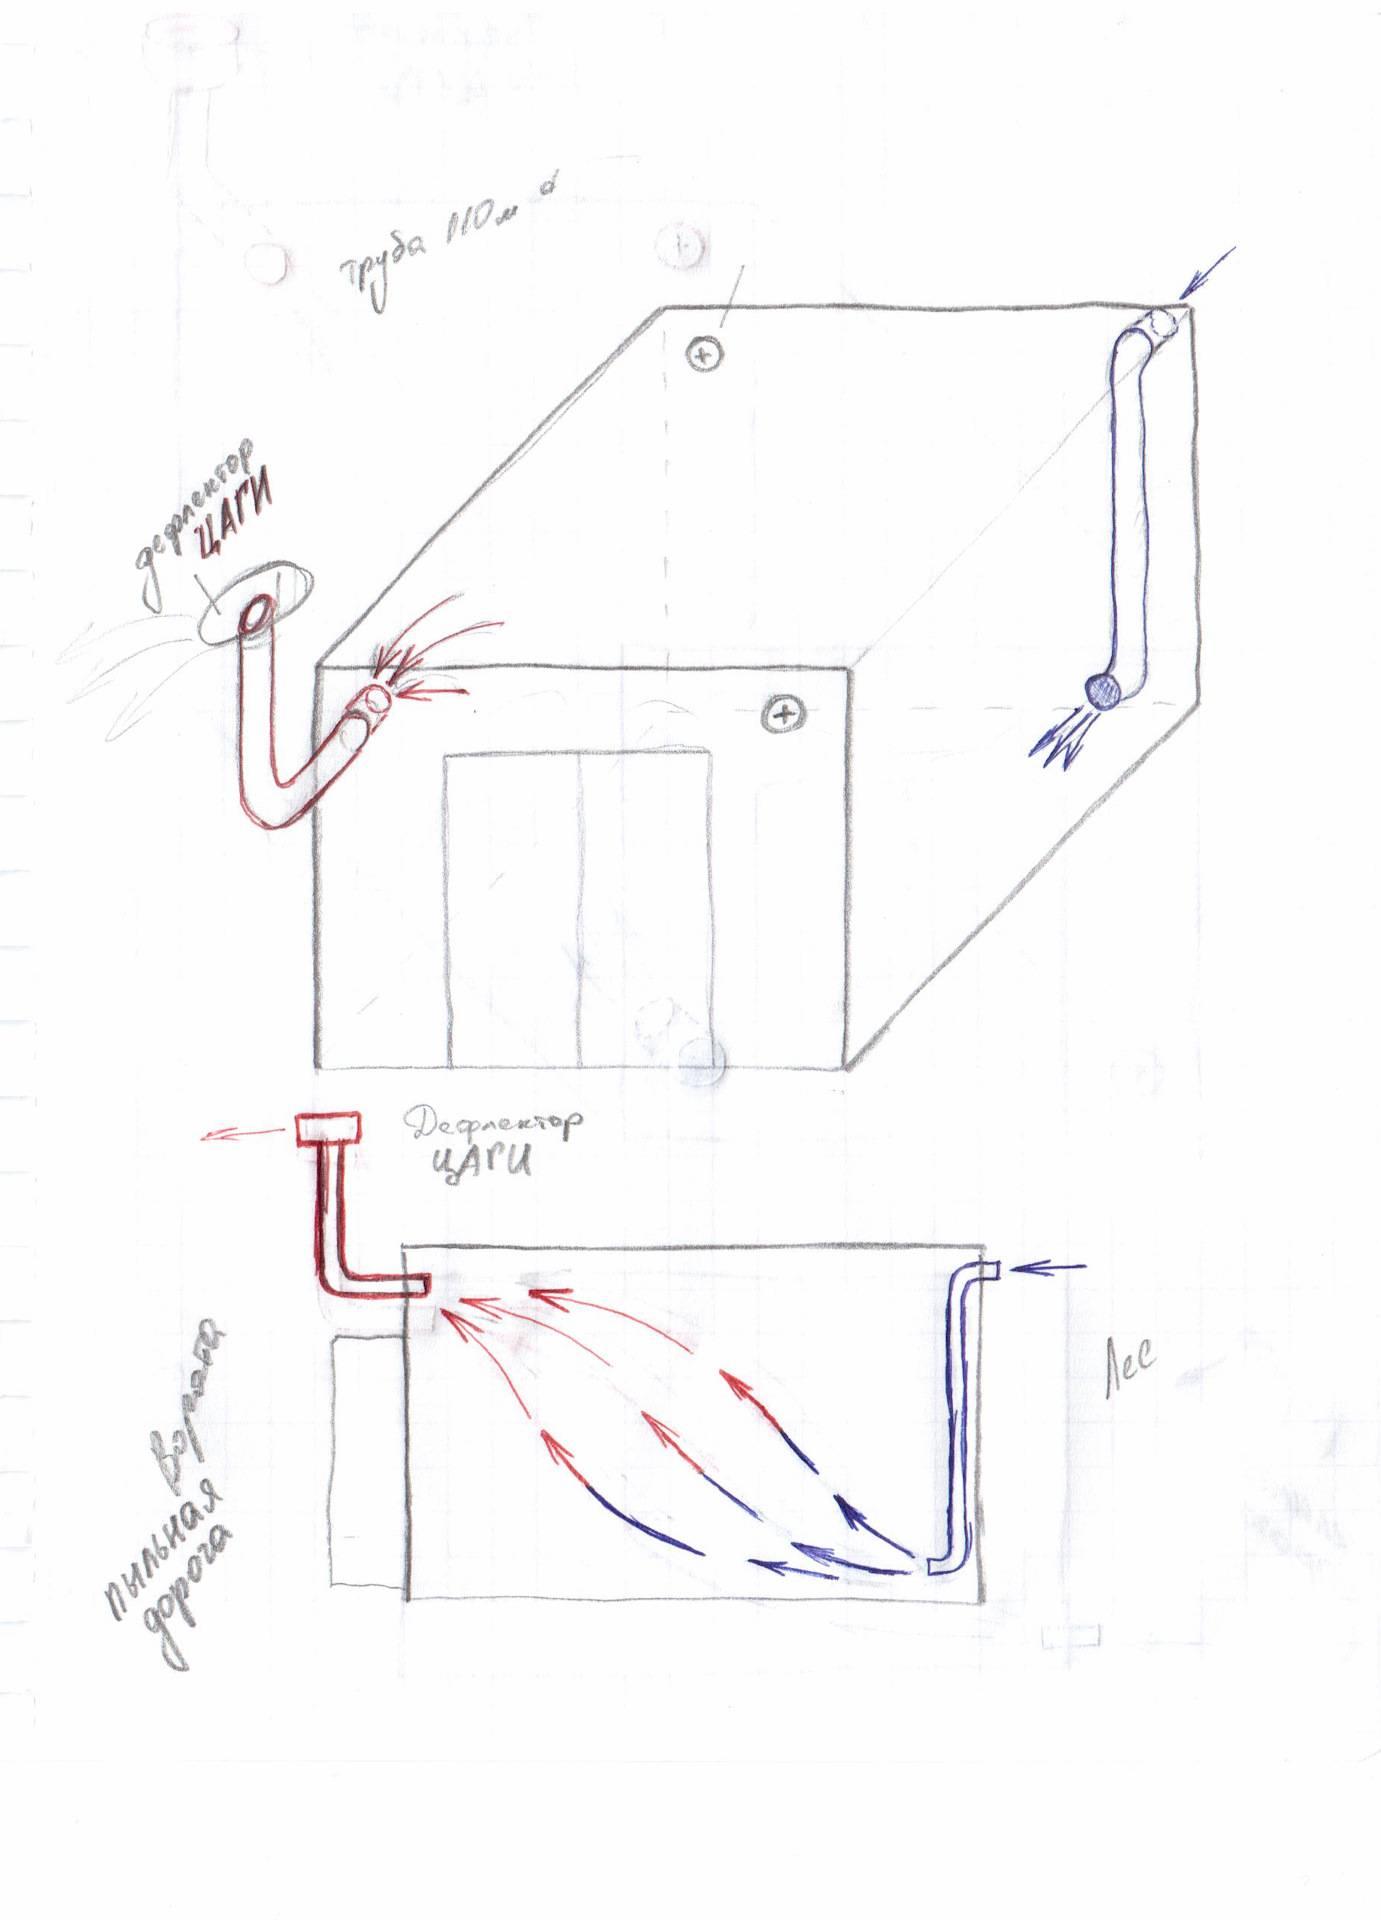 Вентиляция погреба в гараже своими руками: варианты и нюансы обустройства